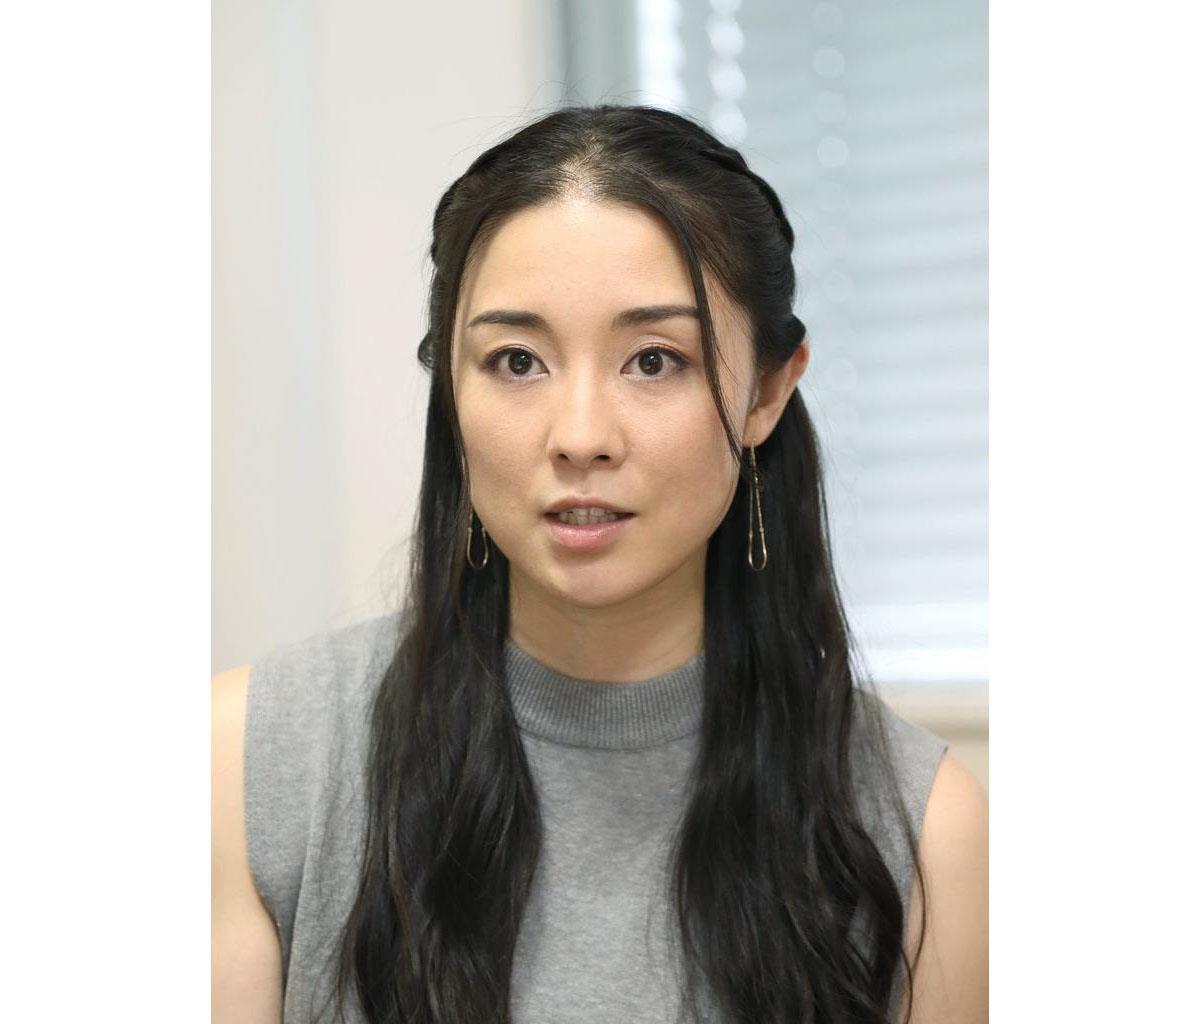 女優の伊藤歩さんを脅迫 容疑の男女、書類送検 警視庁 - 産経ニュース